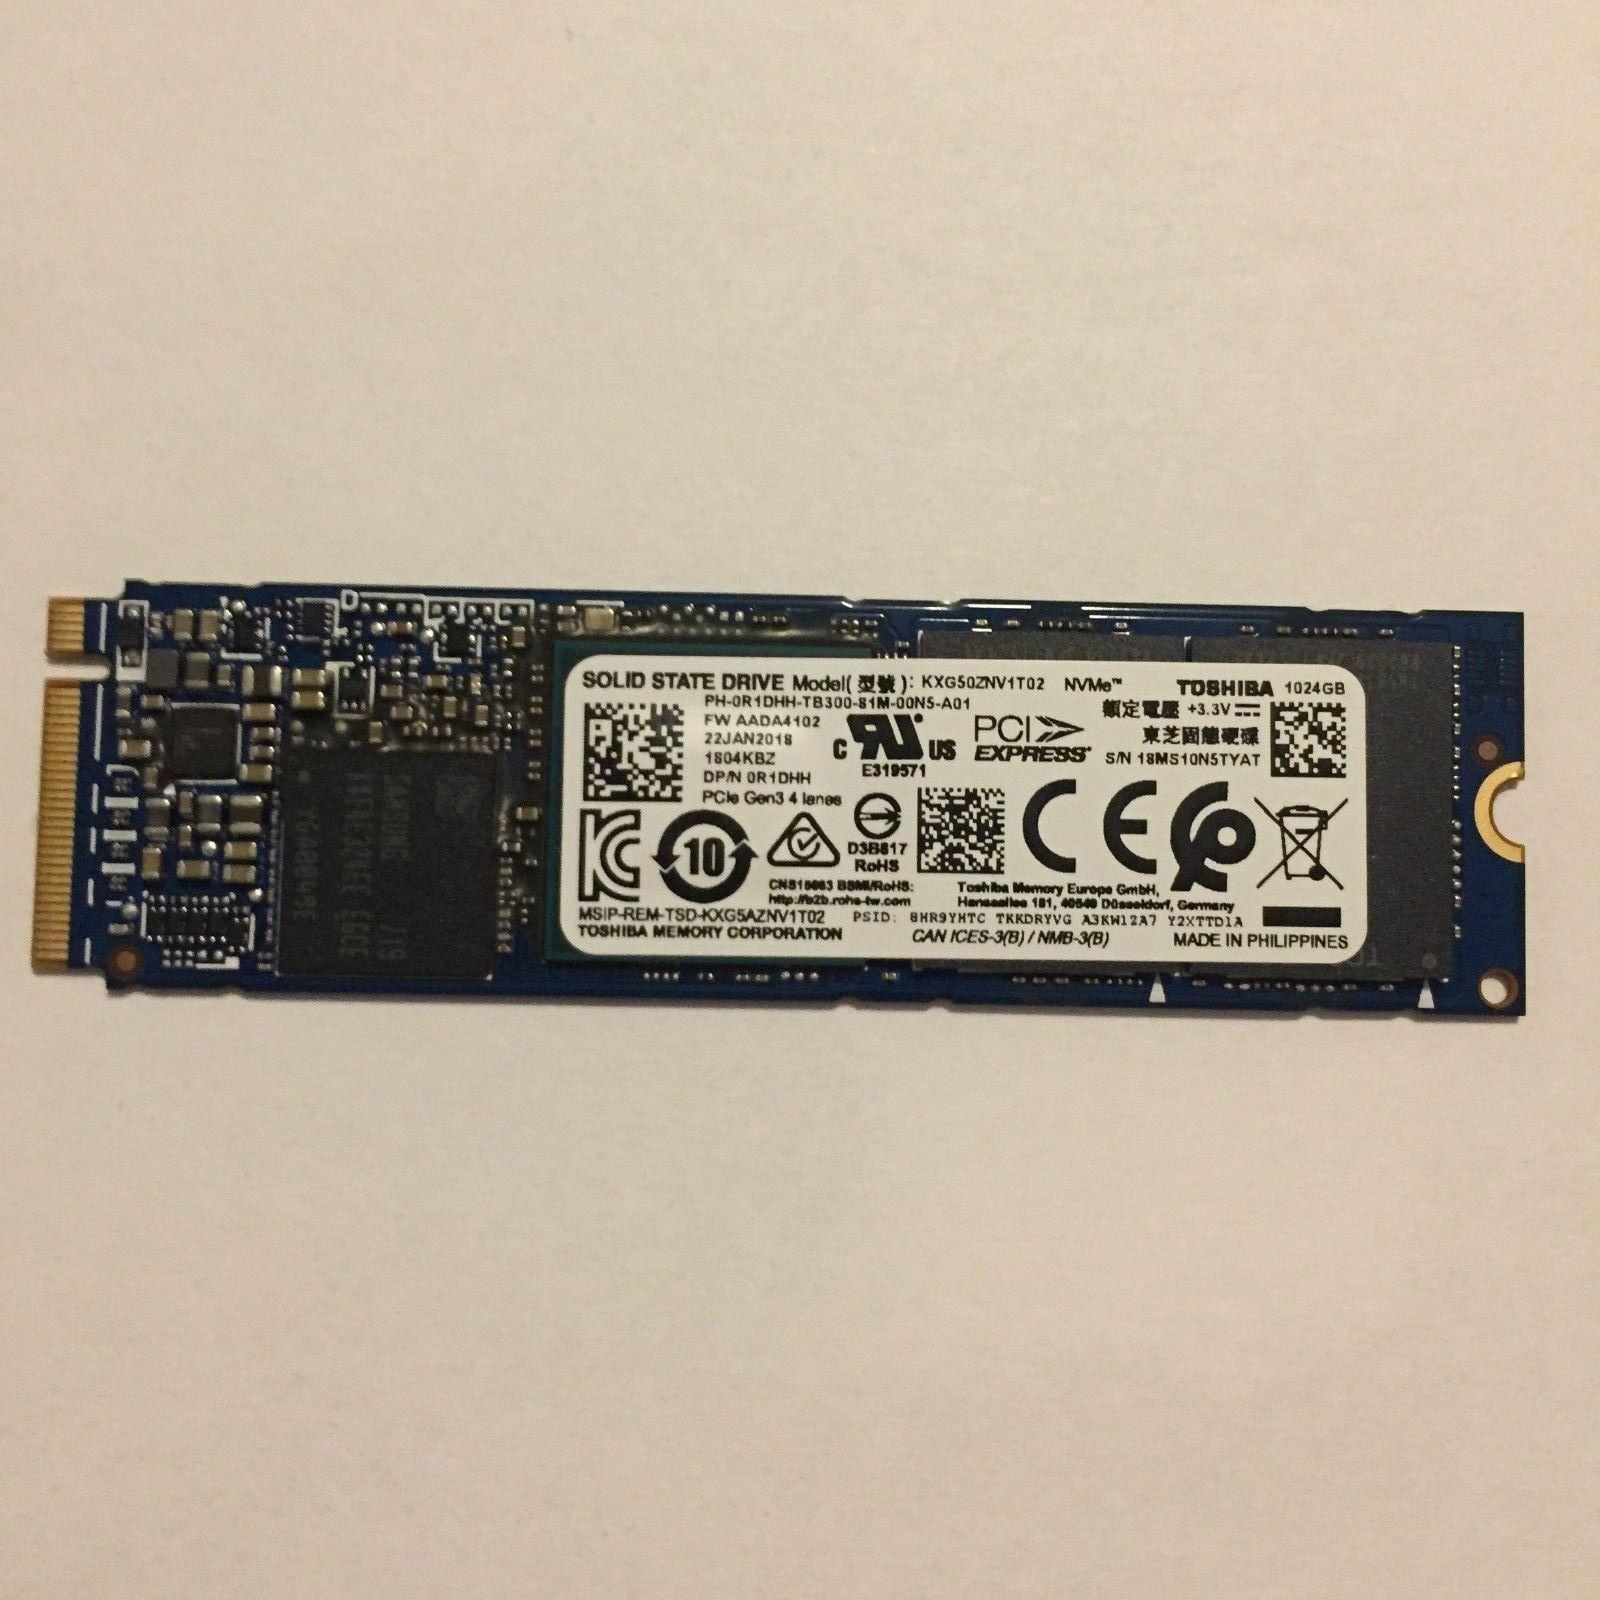 https://assetscdn1.paytm.com/images/catalog/product/S/ST/STONEW-TOSHIBA-STEL115376497139878/0..JPEG